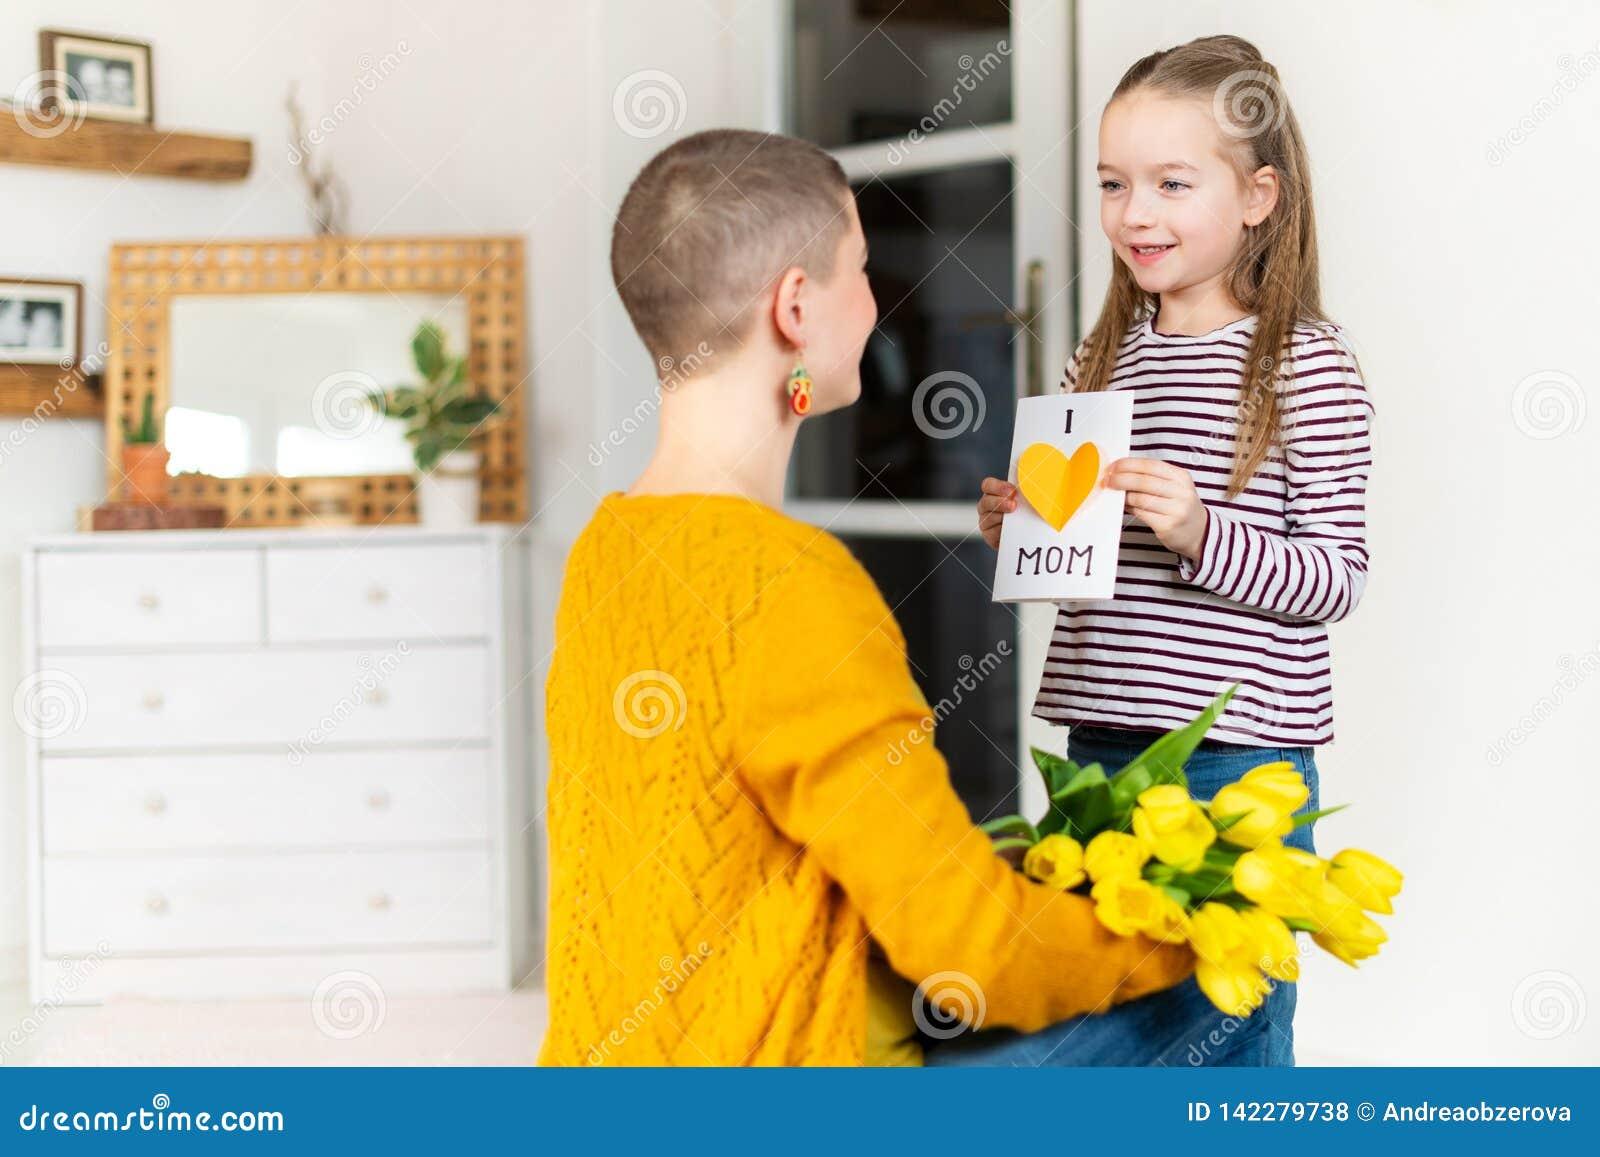 Lycklig mors dag- eller födelsedagbakgrund Förtjusande ung flicka som förvånar hennes mamma med det hemlagade hälsa kortet Familj